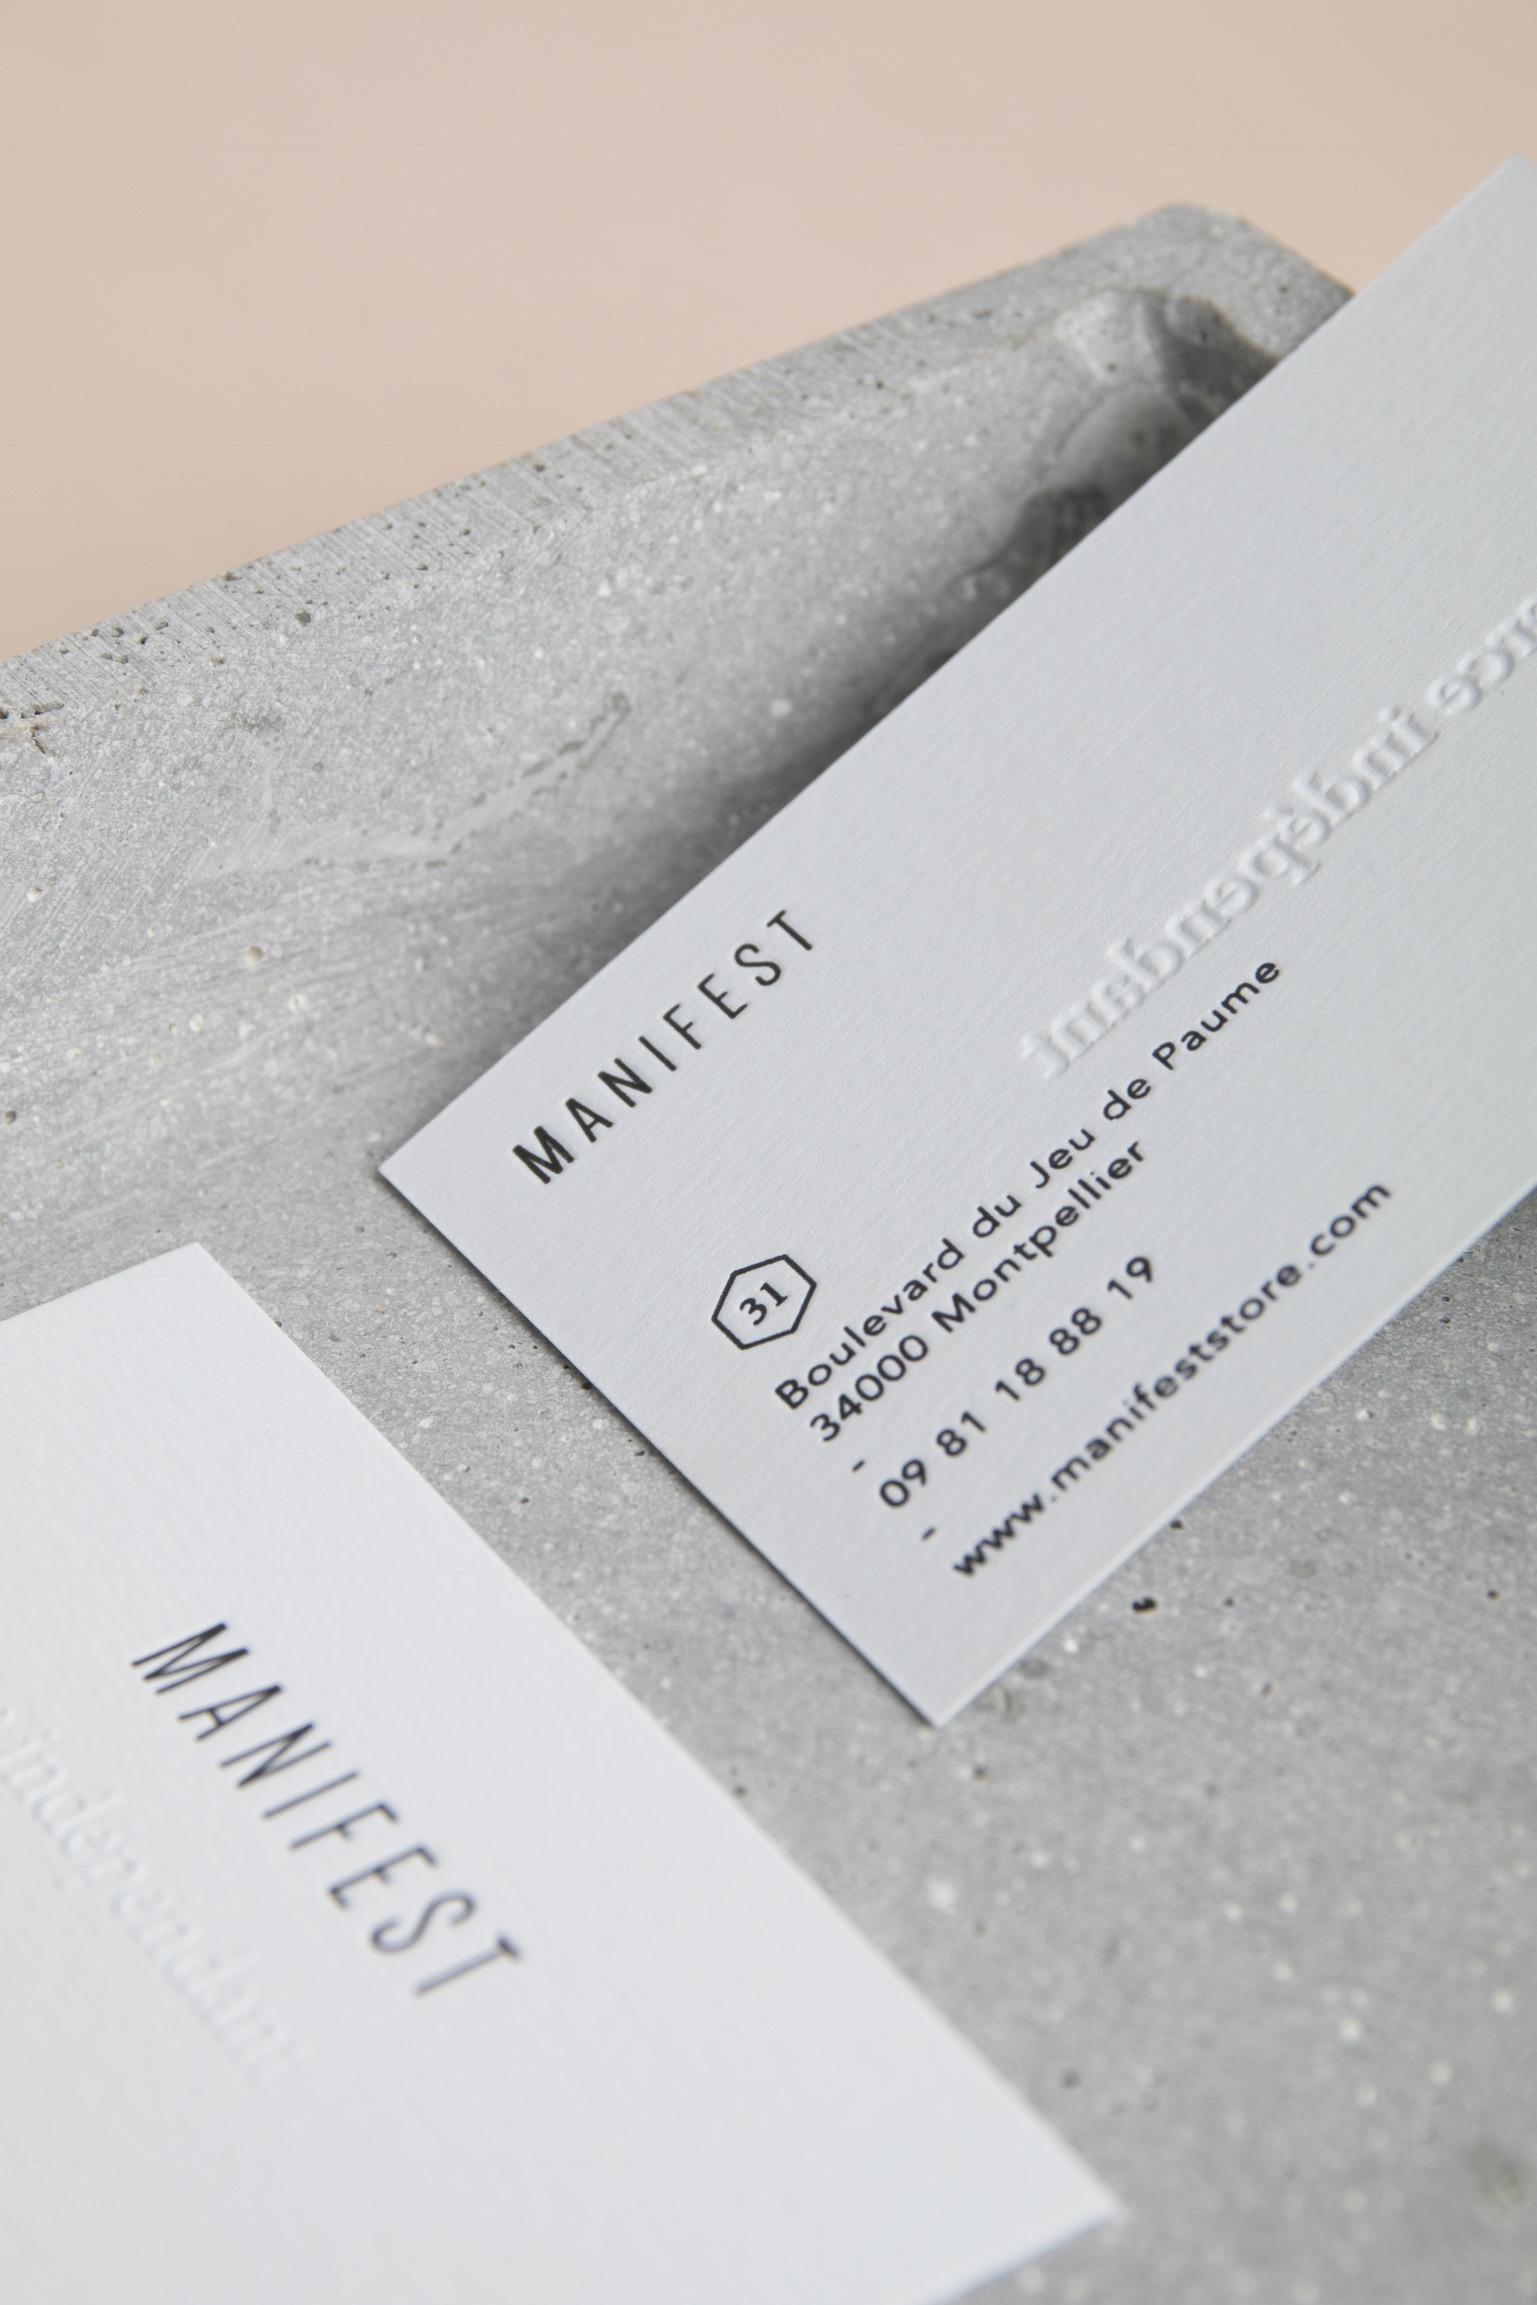 alexia roux manifest majestic montpellier graphisme identité logo letterpressdeparis